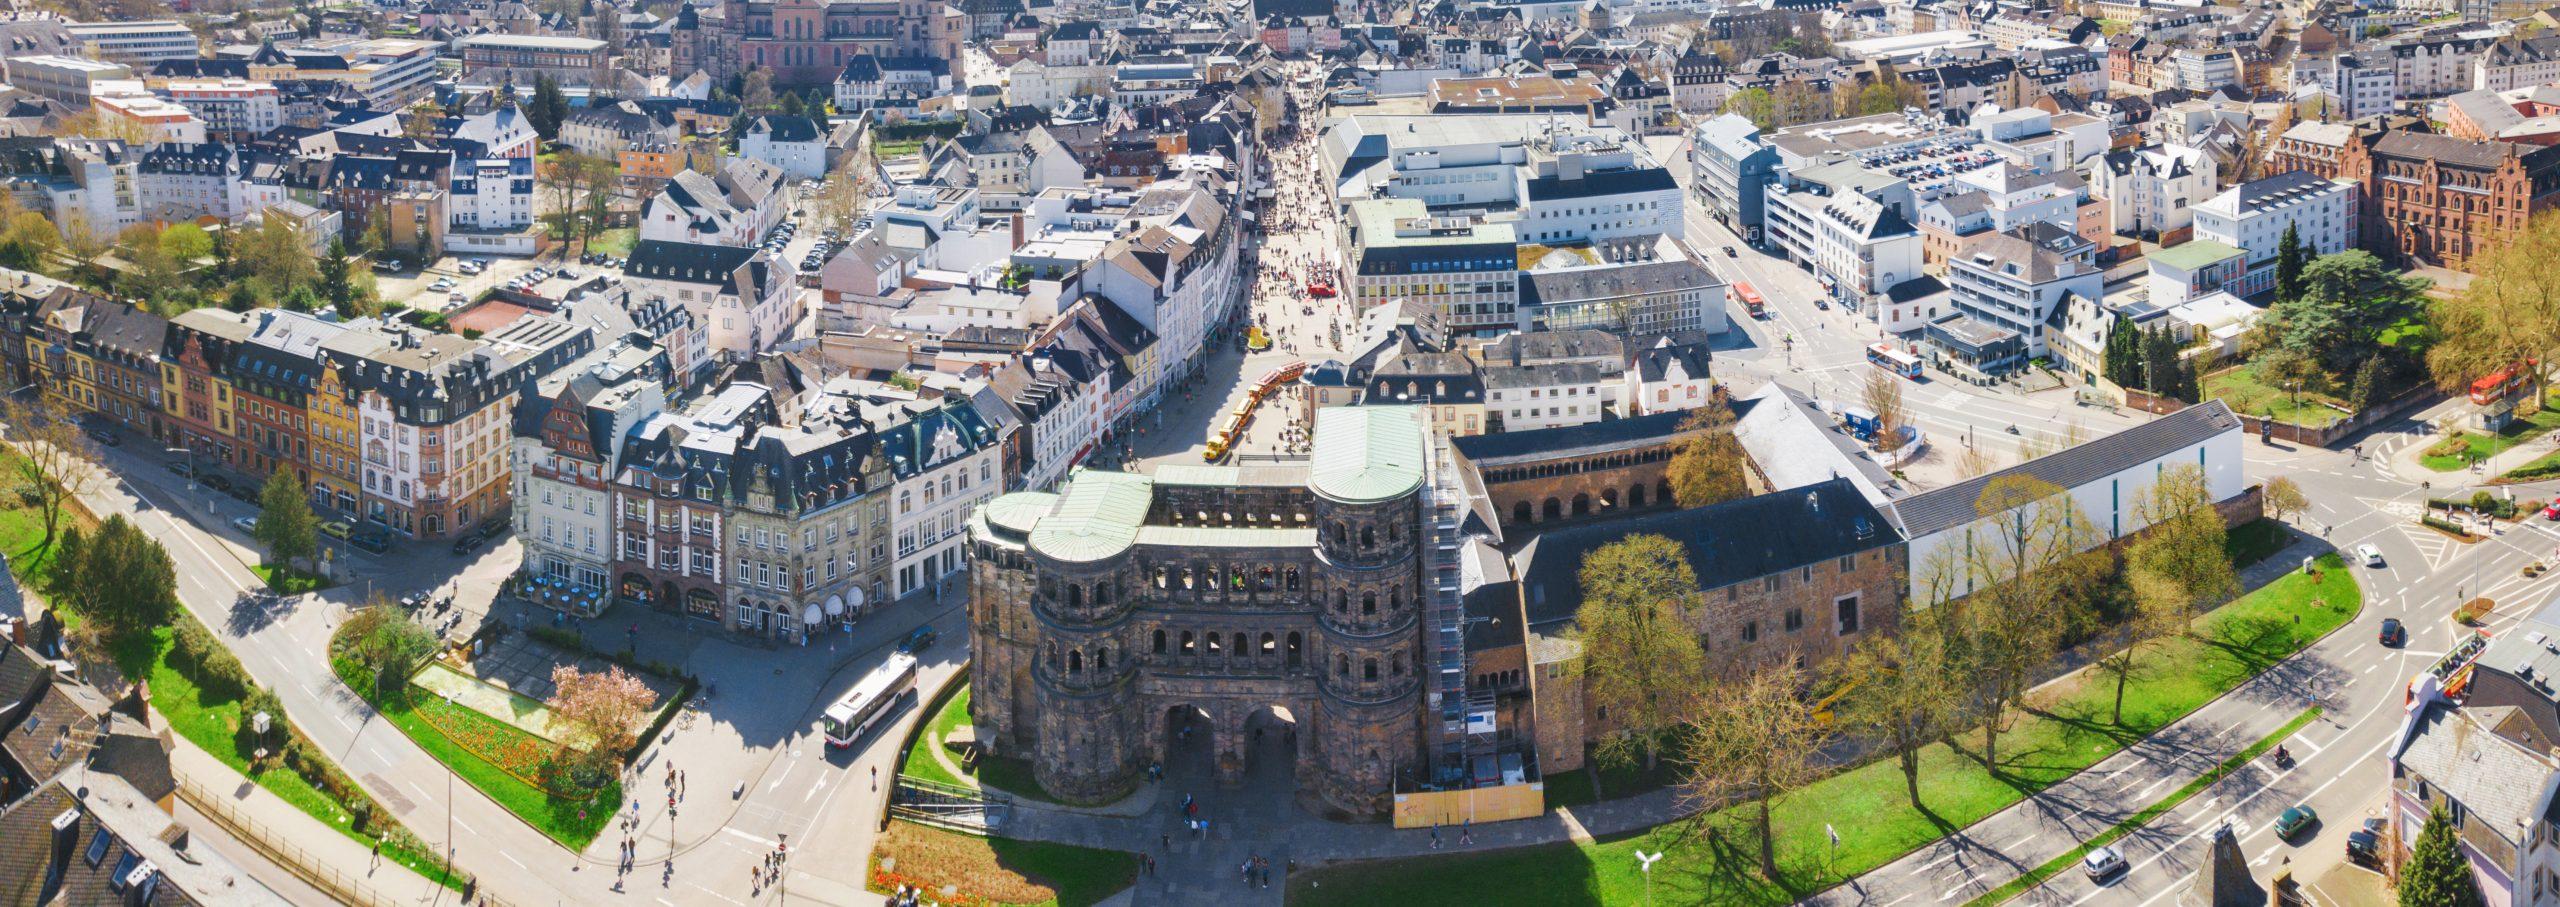 Ihr Ansprechpartner für Baufinanzierung in Trier